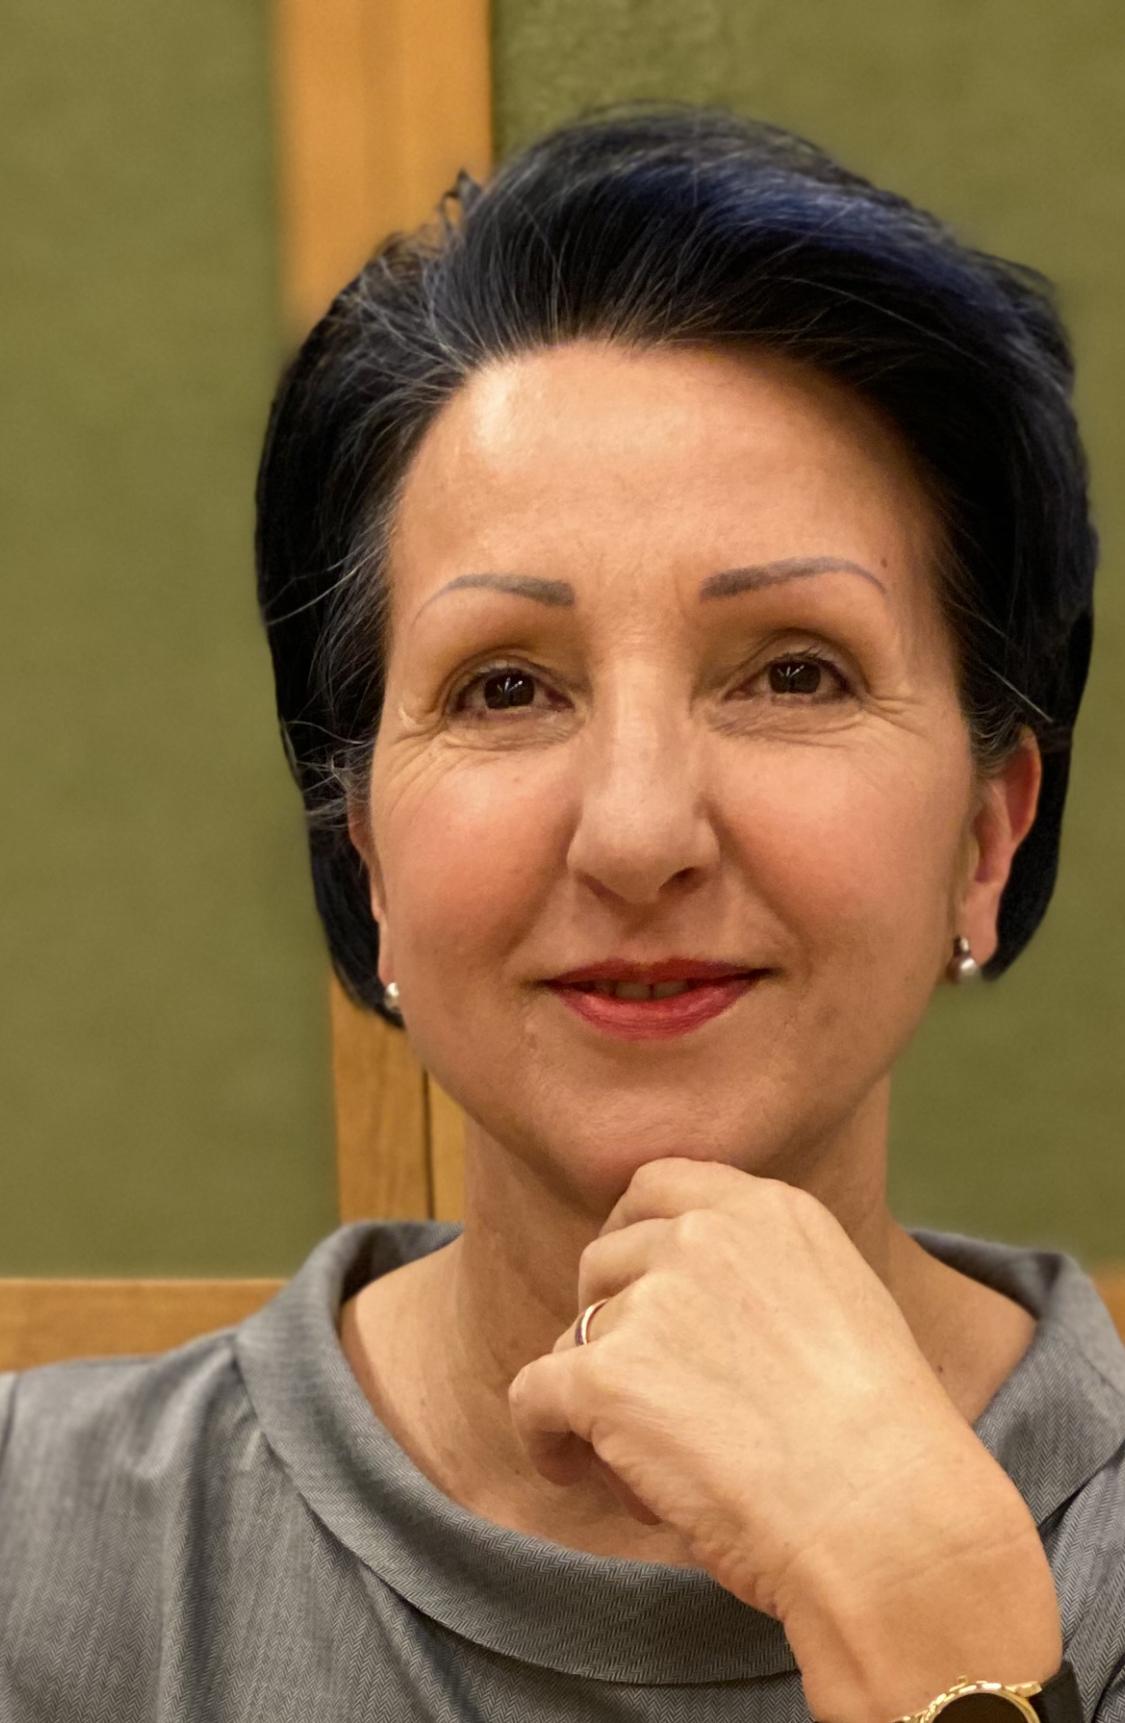 Giordana Foto